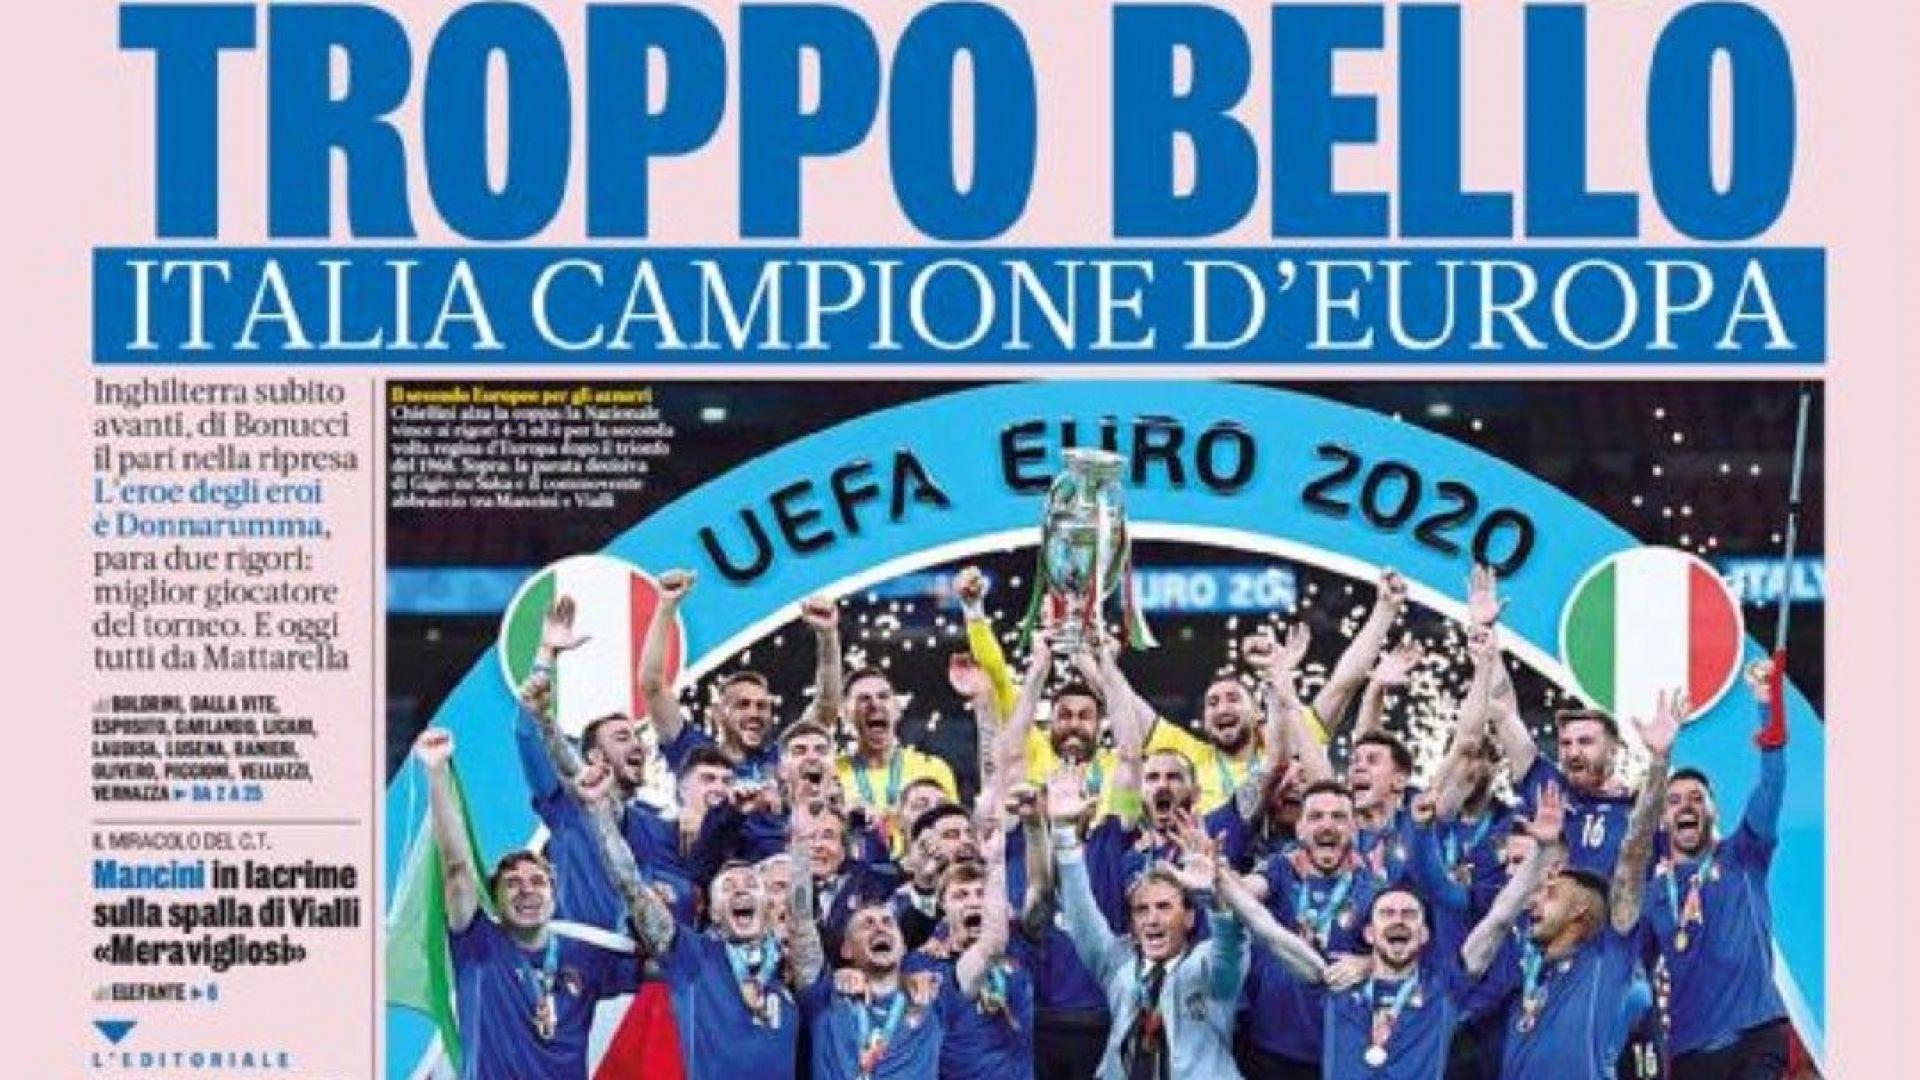 Медиите в Италия: Твърде красиво е!